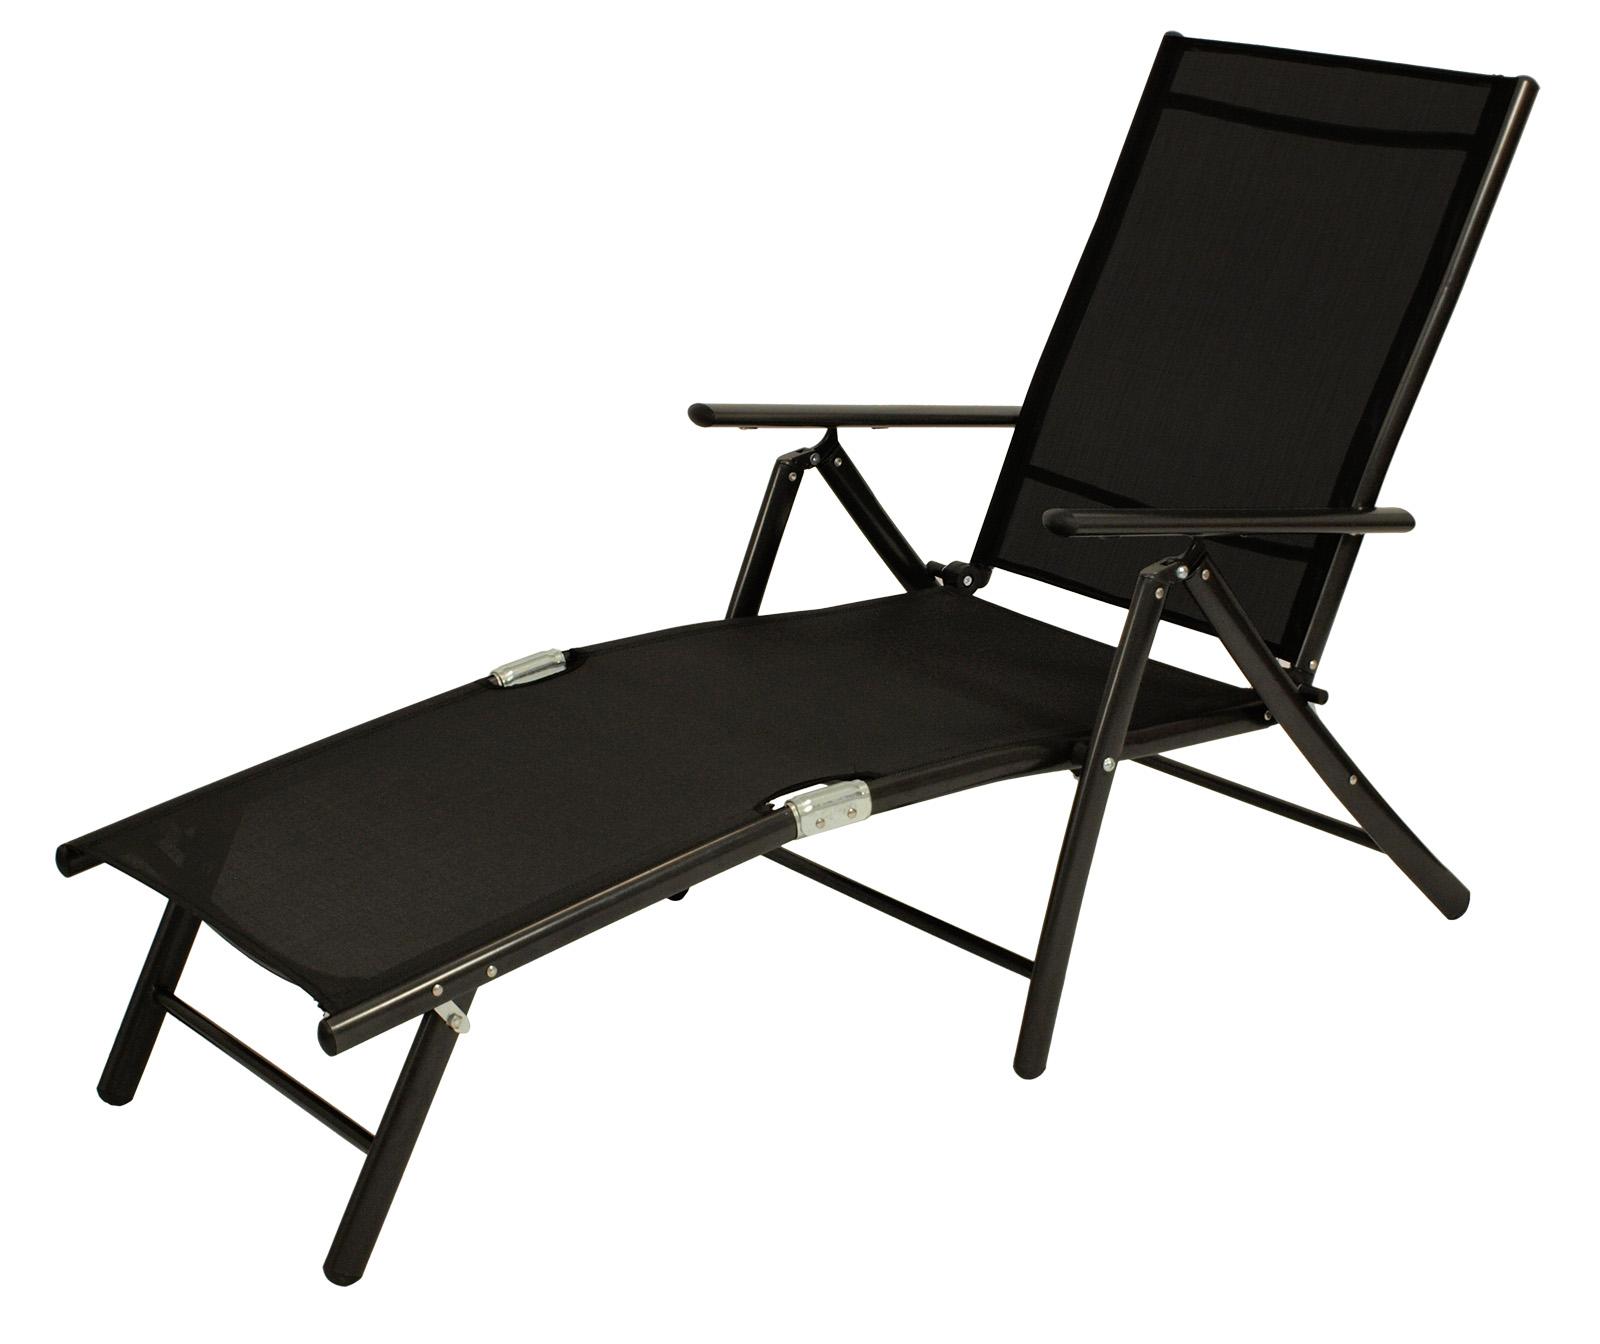 sonnenliege deckchair l beck aus alu metall schwarz gewebe schwarz 2 wahl ebay. Black Bedroom Furniture Sets. Home Design Ideas